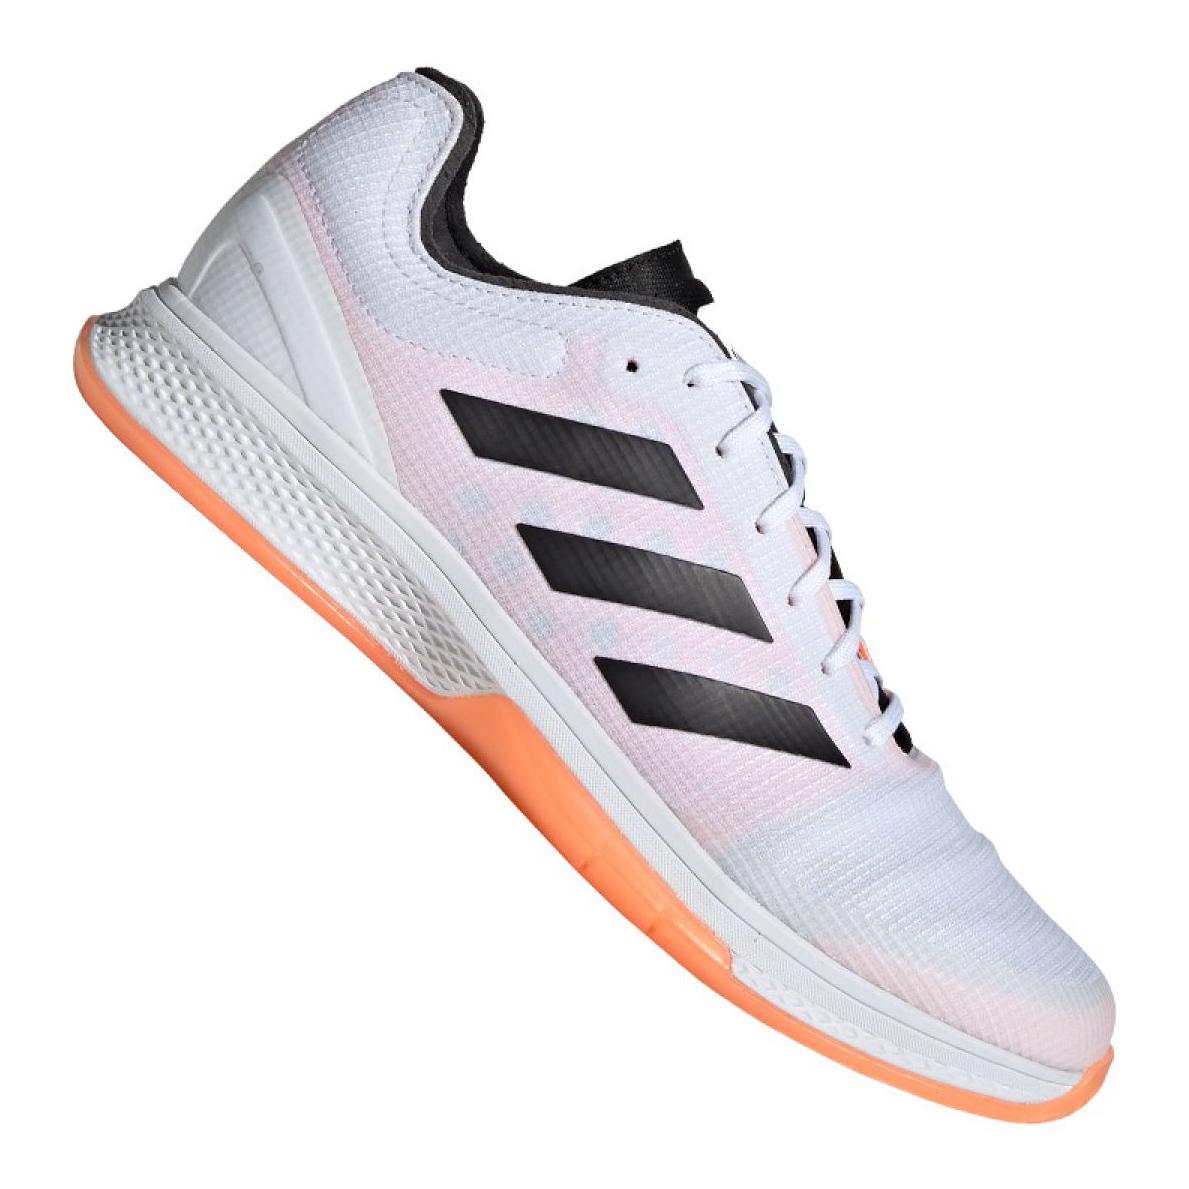 Sapatos Adidas Counterblast Bounce M F33829 branco branco